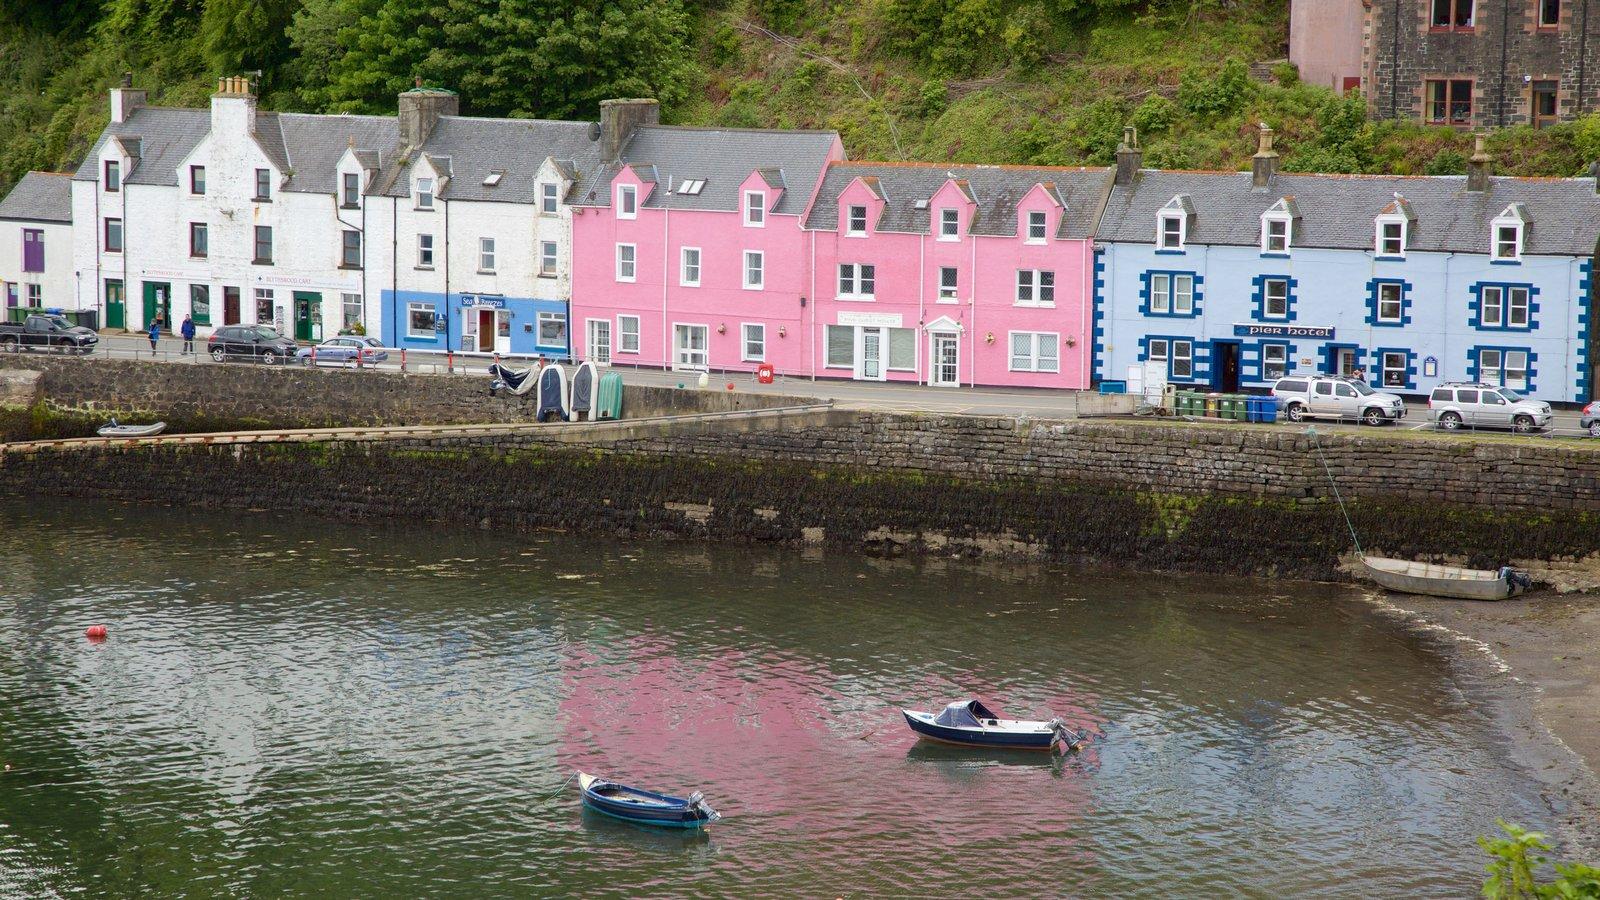 Puerto de Portree ofreciendo una ciudad costera y una bahía o puerto